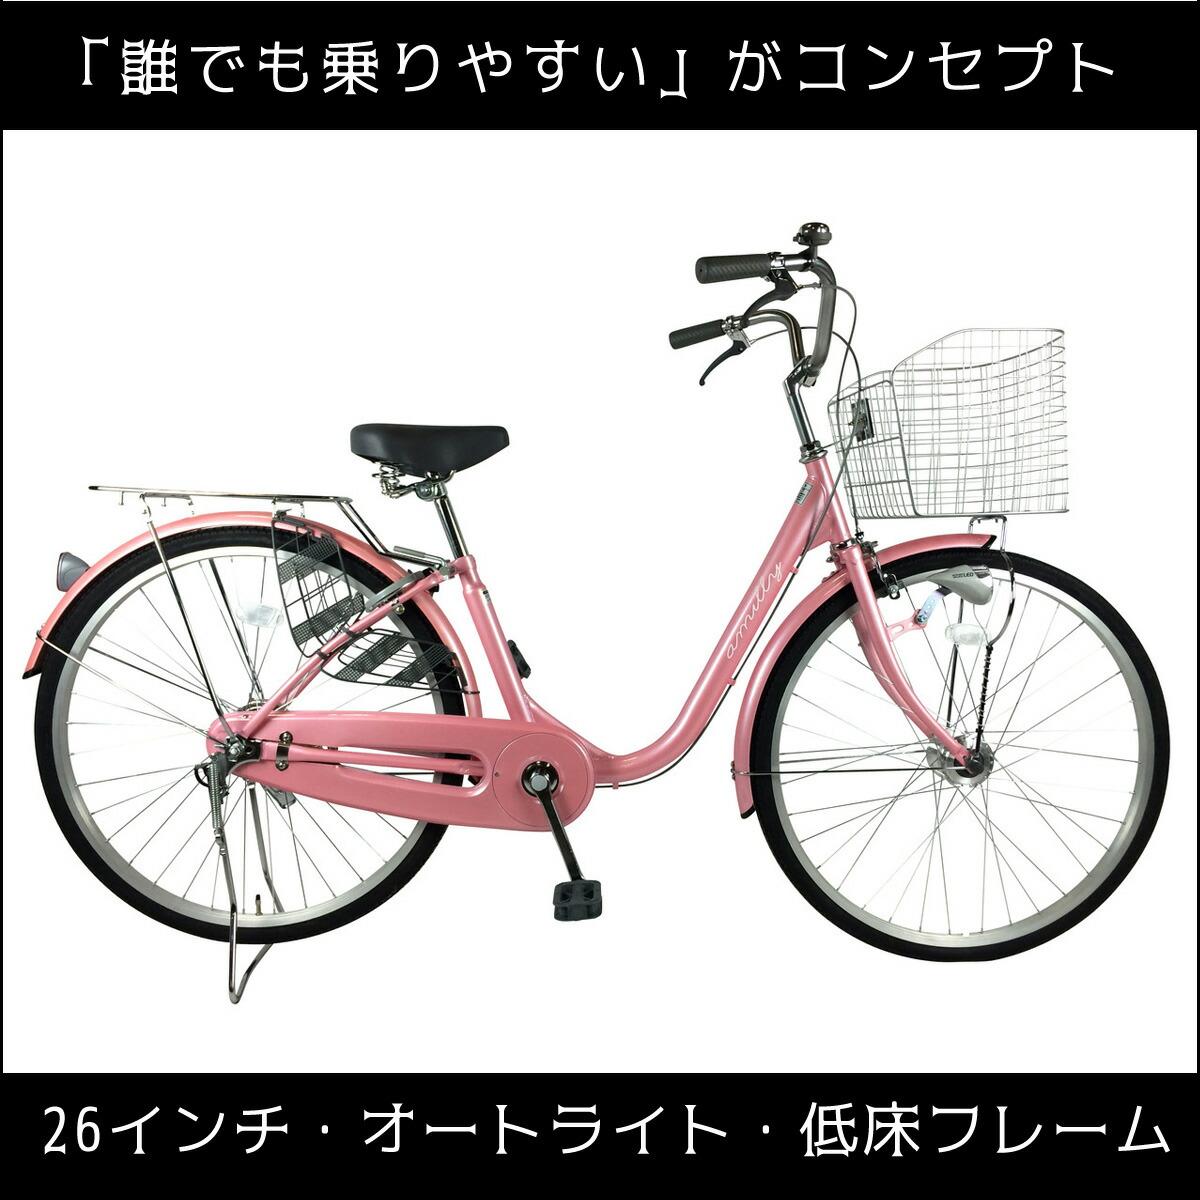 自転車のやりすい低床フレームで大人気 amilly アミリー ママチャリ 軽快車 ピンク 自転車 ギアなし ママチャリ 26インチ オートライト 軽快車 鍵付き 女の子おしゃれ カゴ カギ 通学